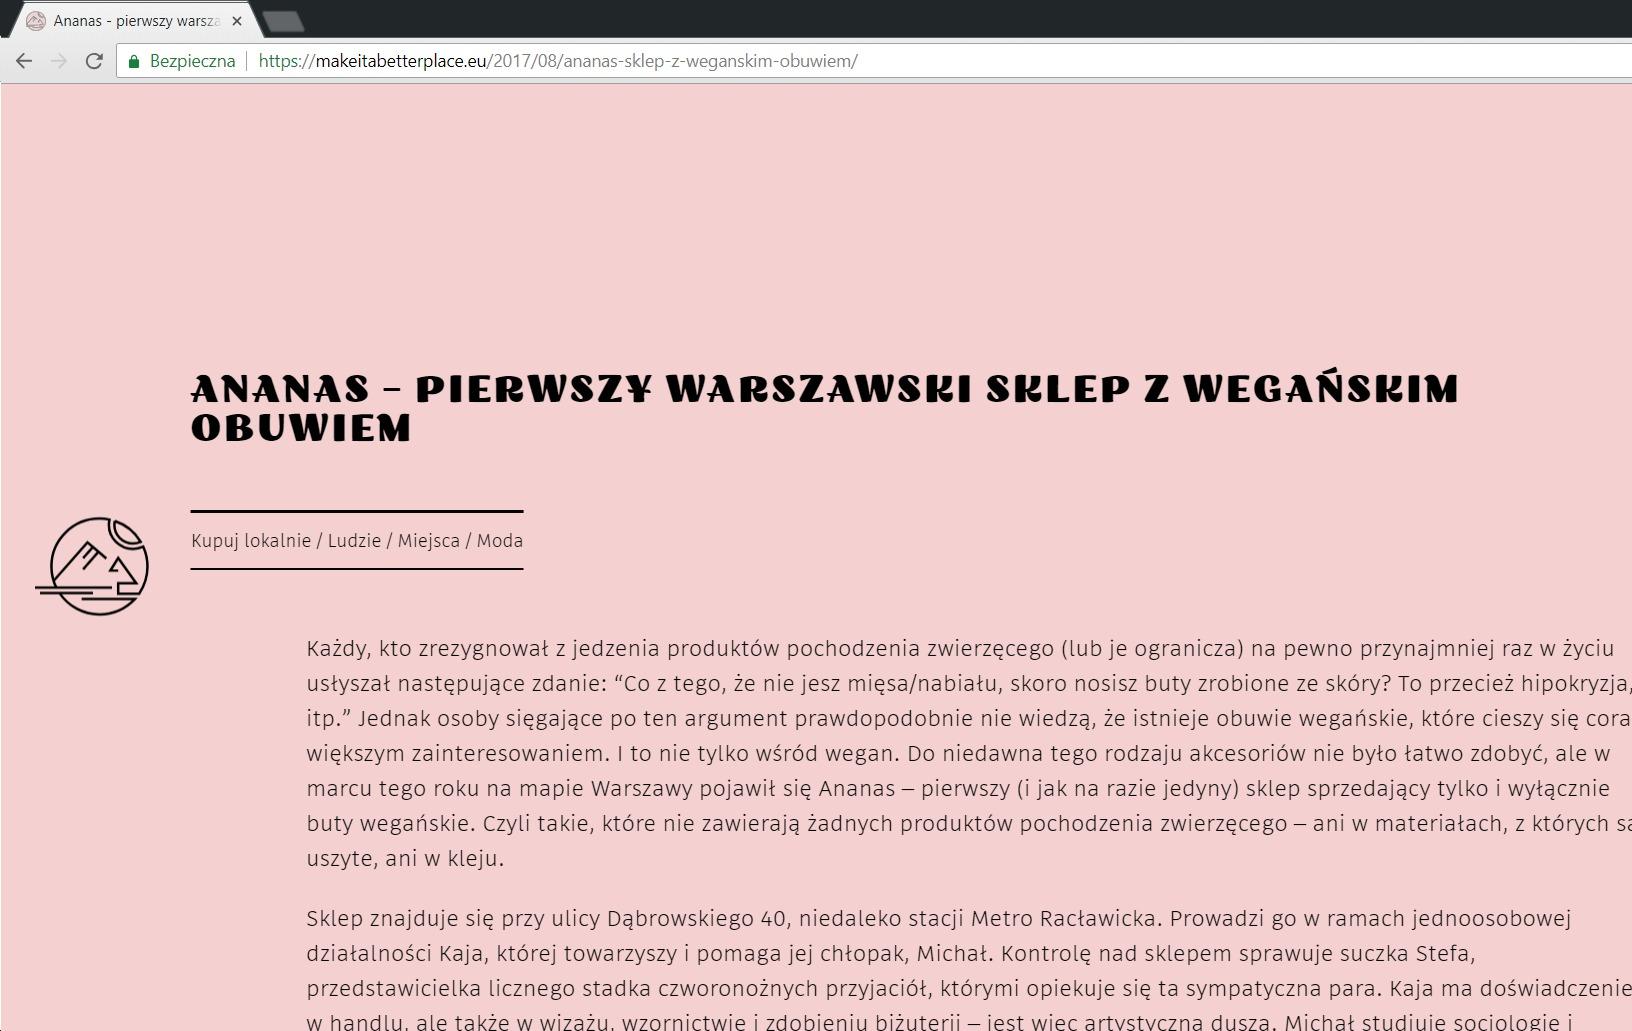 makeitabetterplace.eu o ananaswarsaw.pl